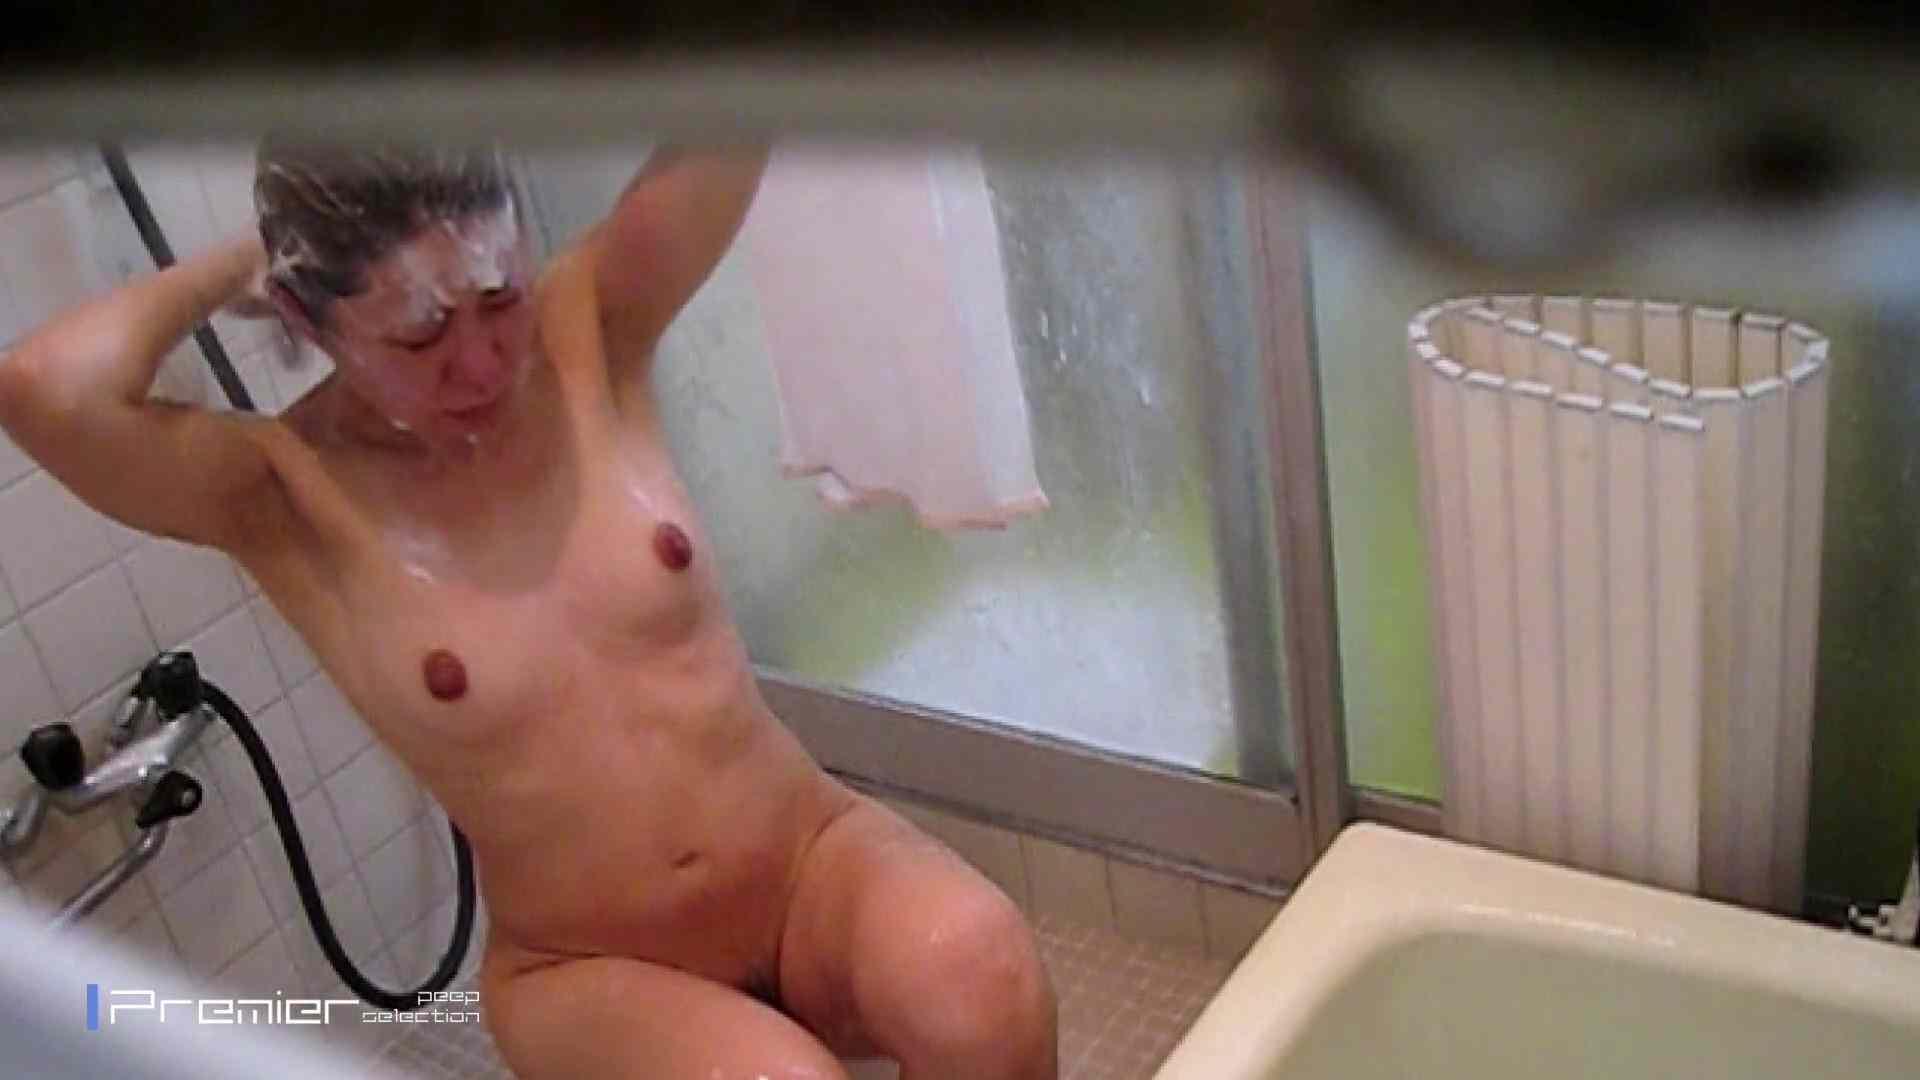 水も滴る美女入浴盗撮 乙女の風呂場 Vol.18 投稿   盗撮エロすぎ  59連発 11